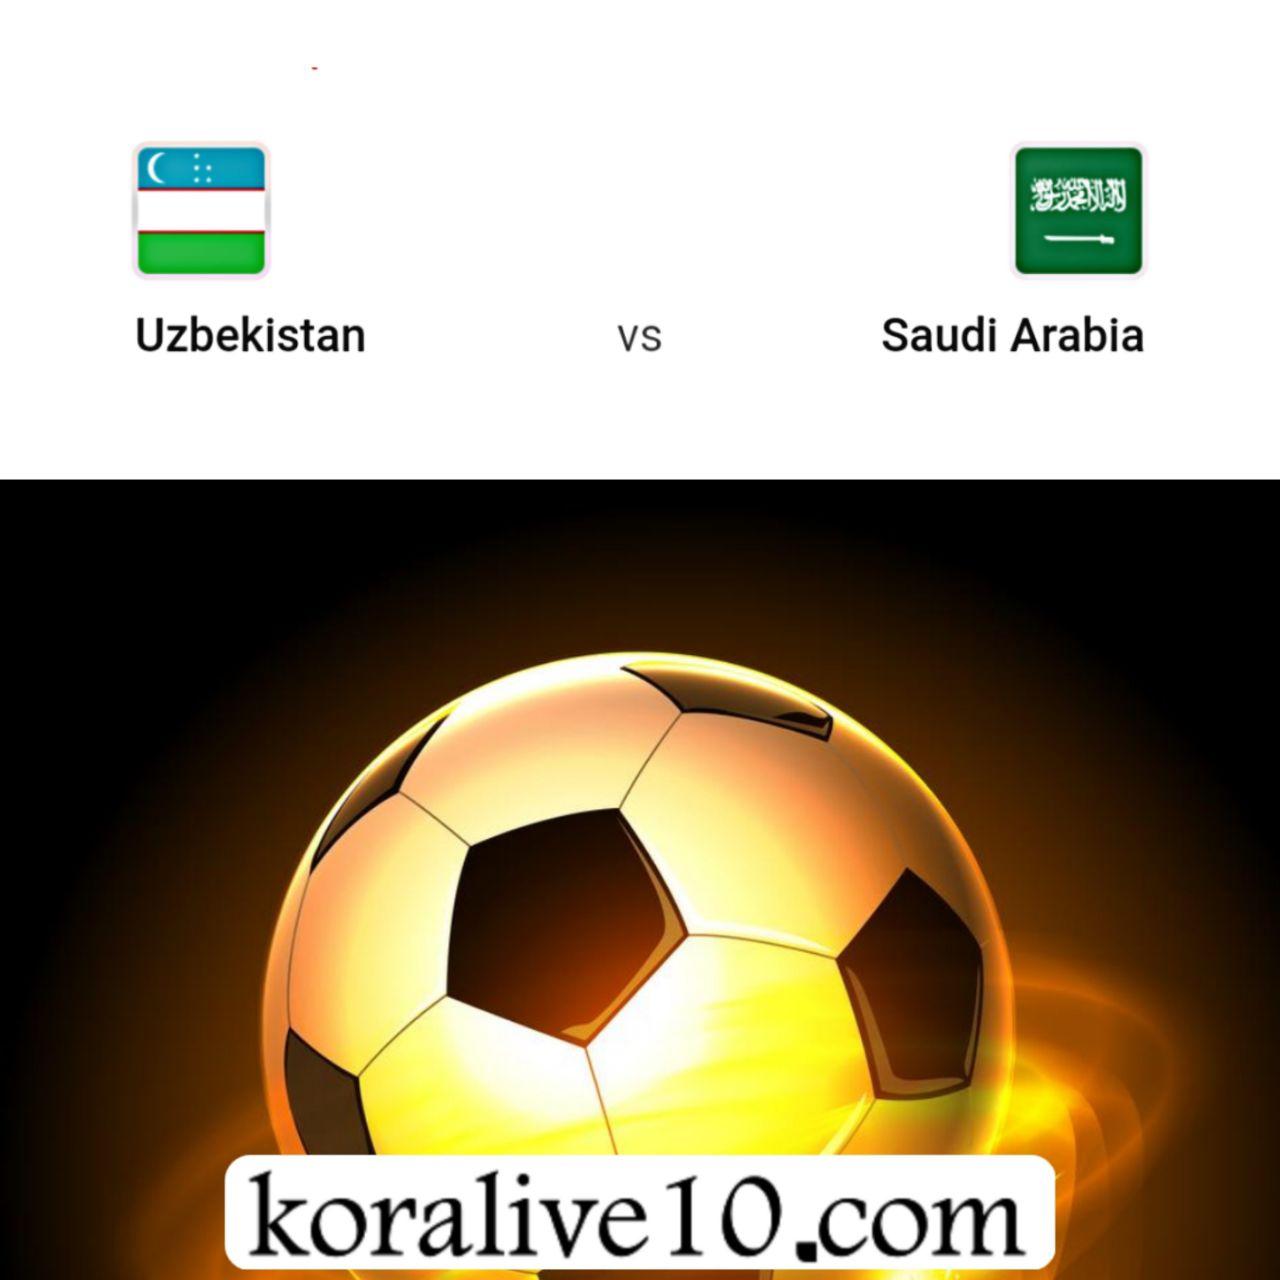 موعد مباراة أوزبكستان والسعودية في تصفيات آسيا المؤهلة لكأس العالم 2022 | كورة لايف